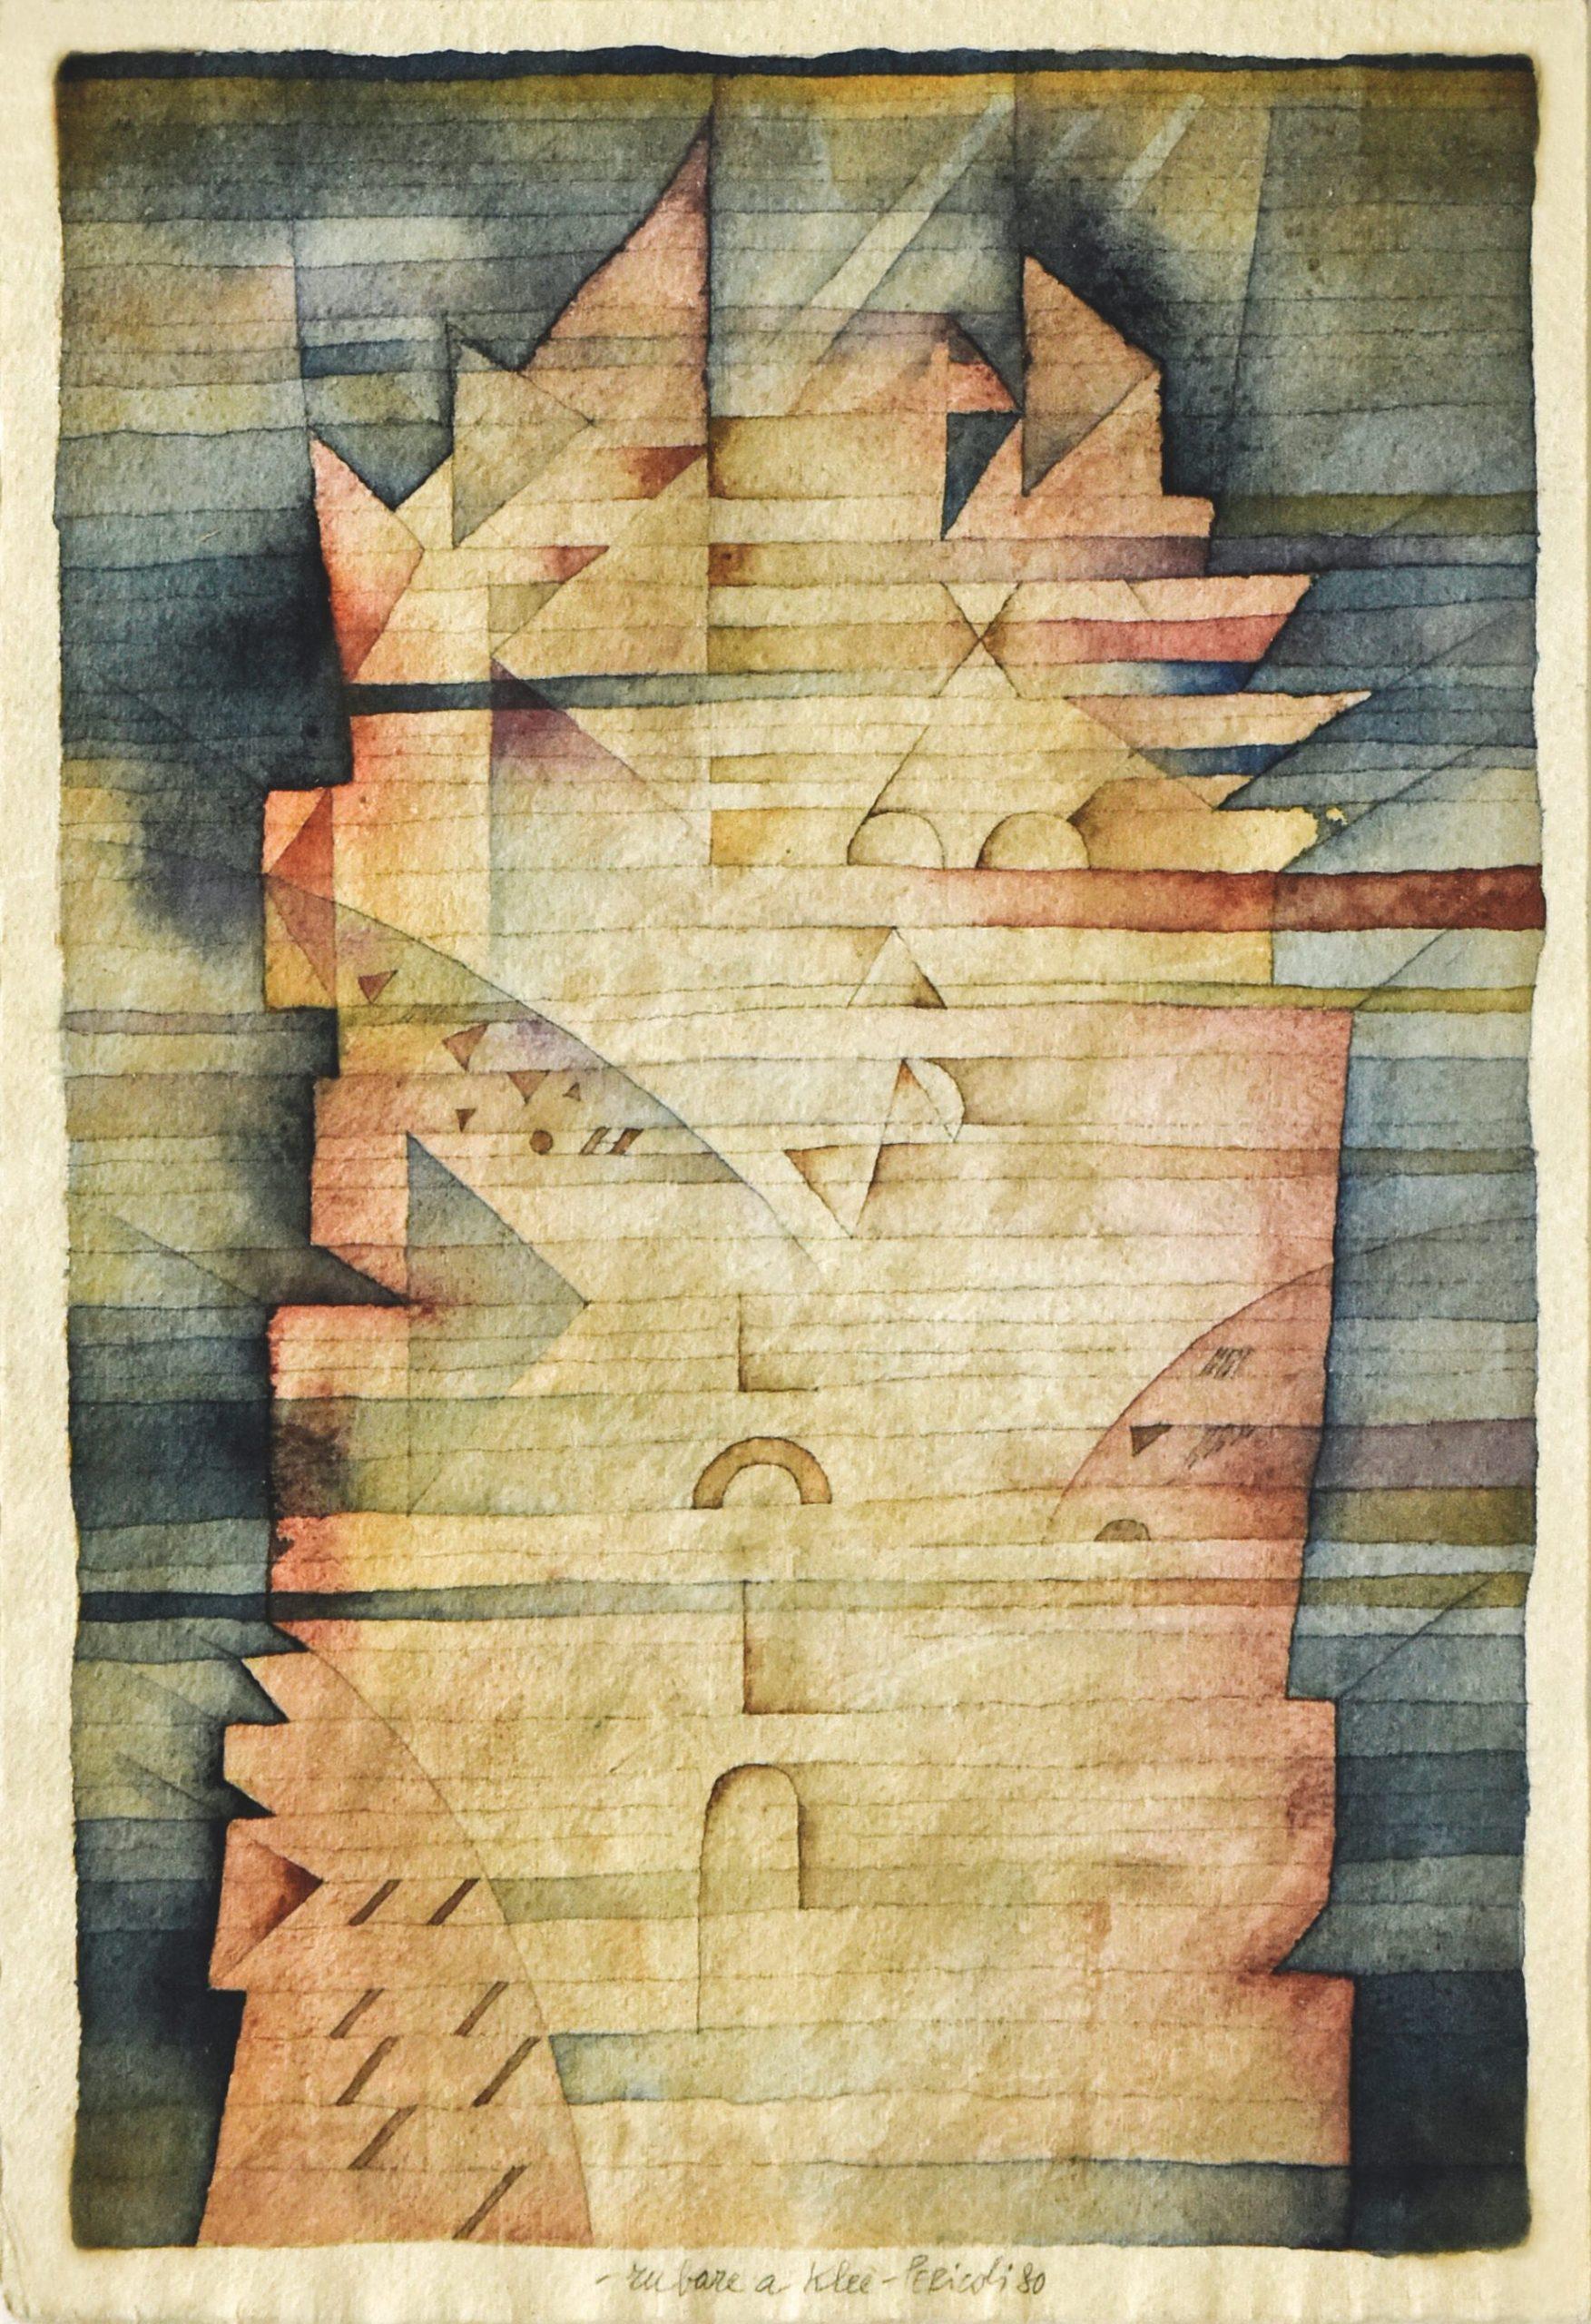 Tullio Pericolii-rubare-a-klee-1980_51577724209_o